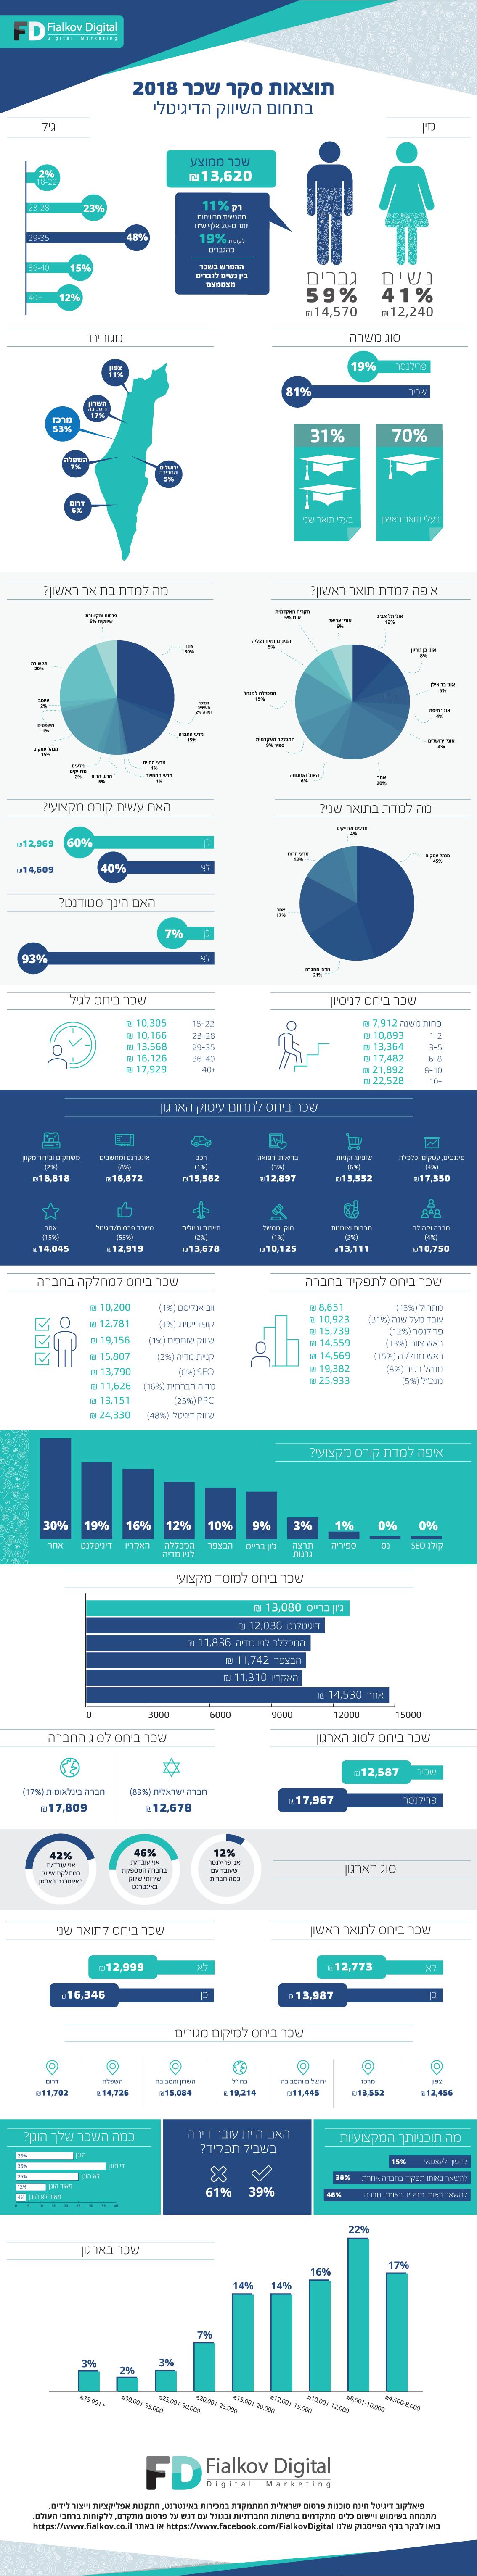 אינפוגרפיקה – סקר השכר בתחום השיווק הדיגיטלי 2018